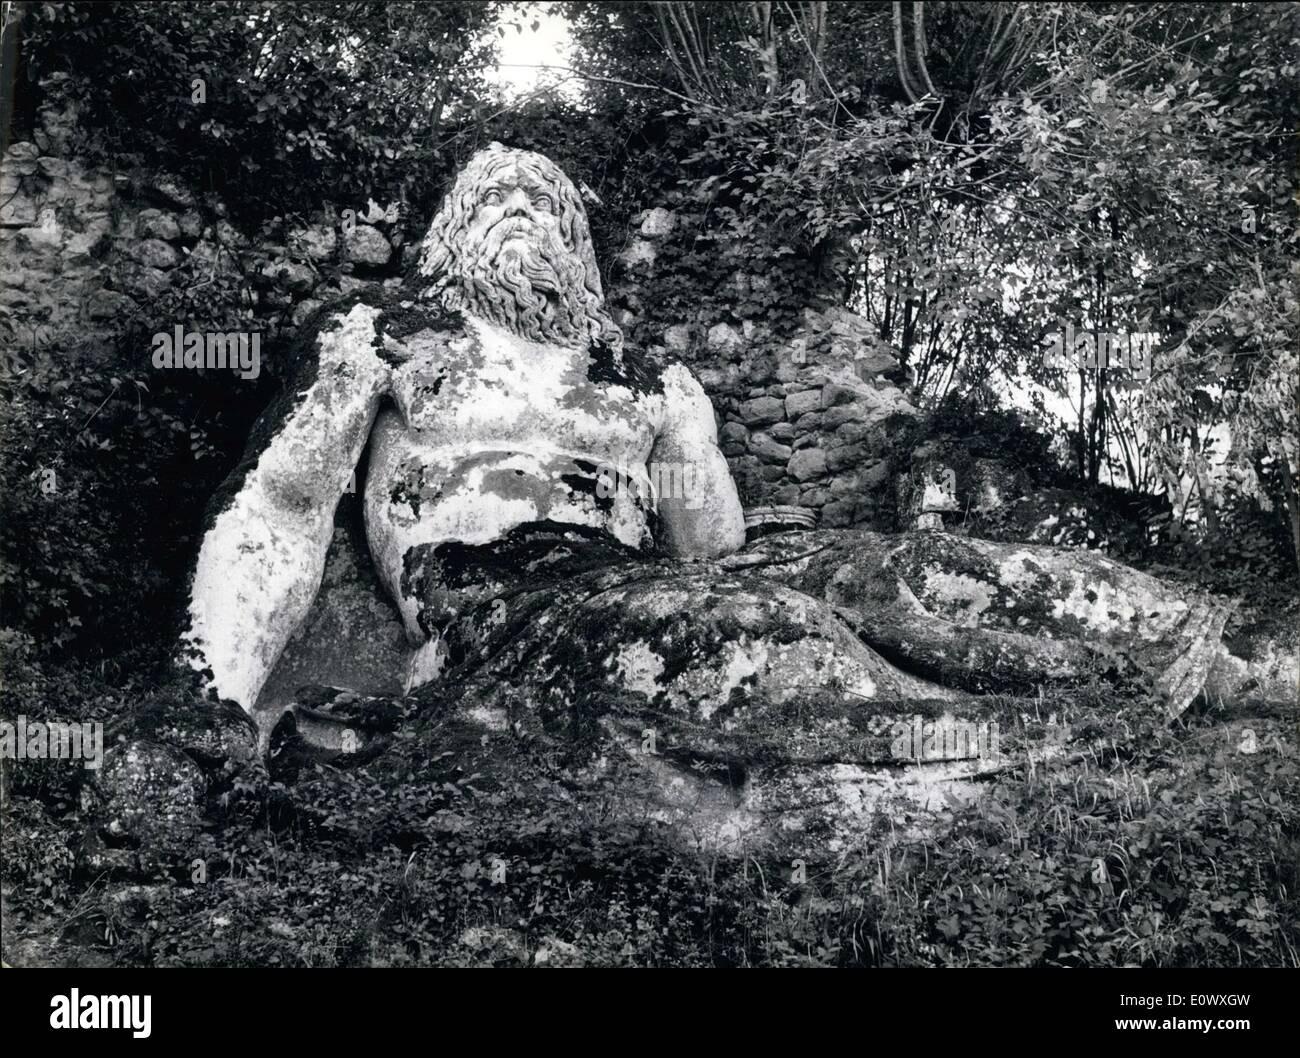 08 août, 1964 - Un mystère italien du 16ème siècle: les monstres peuplent Jardin de Bomarzo. A 50 km au nord de Banque D'Images